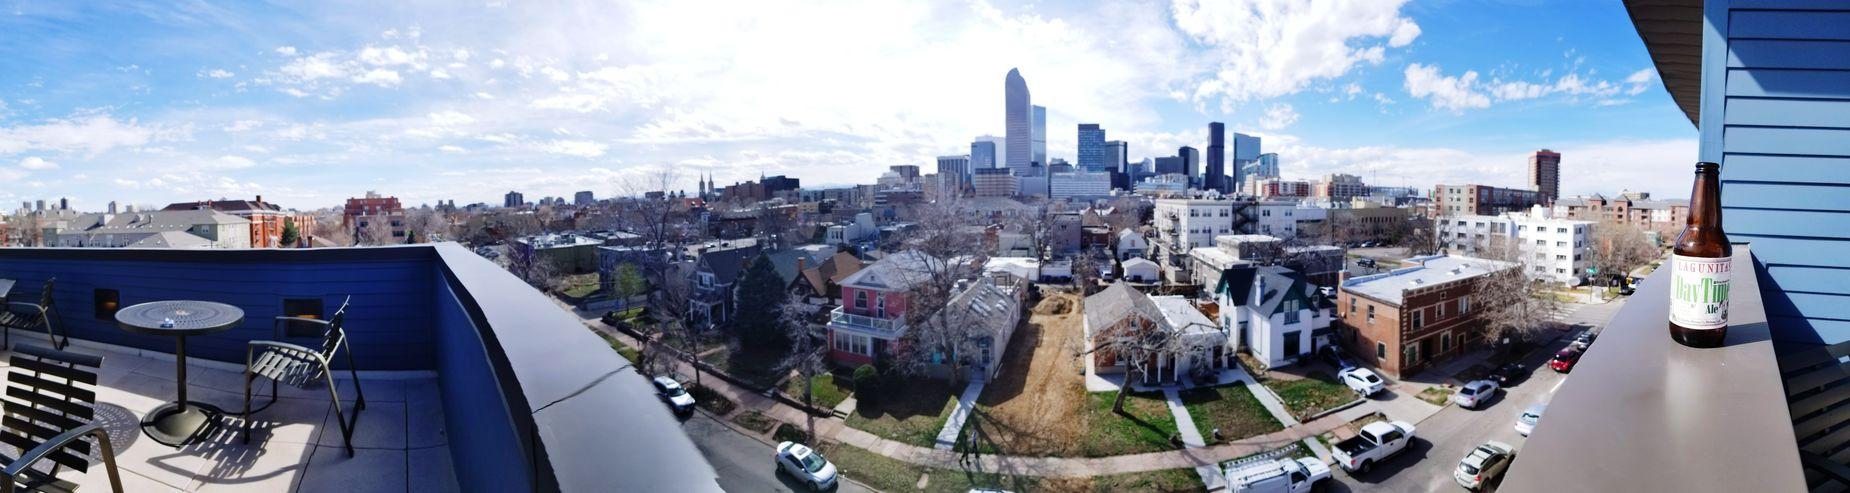 Senic Denver EyeEm Selects City Sky Building Exterior Cloud - Sky